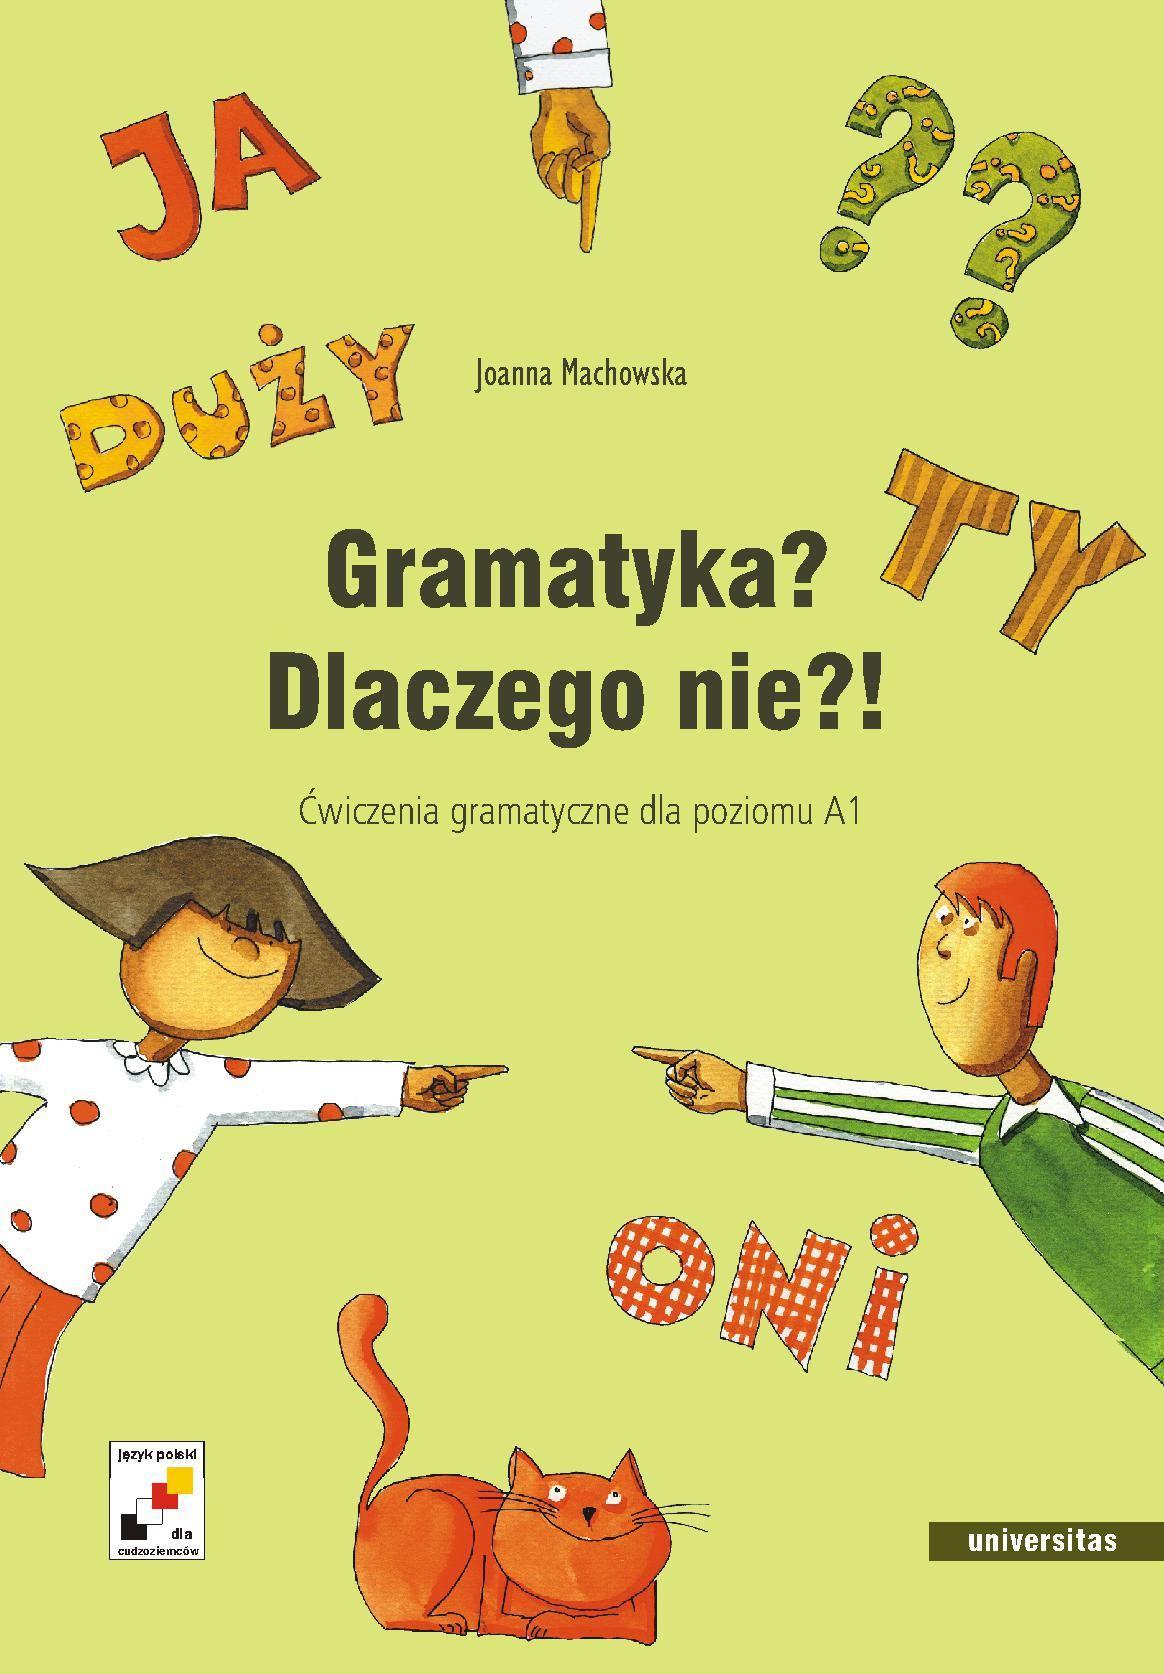 Gramatyka? Dlaczego nie?! - Ebook (Książka PDF) do pobrania w formacie PDF